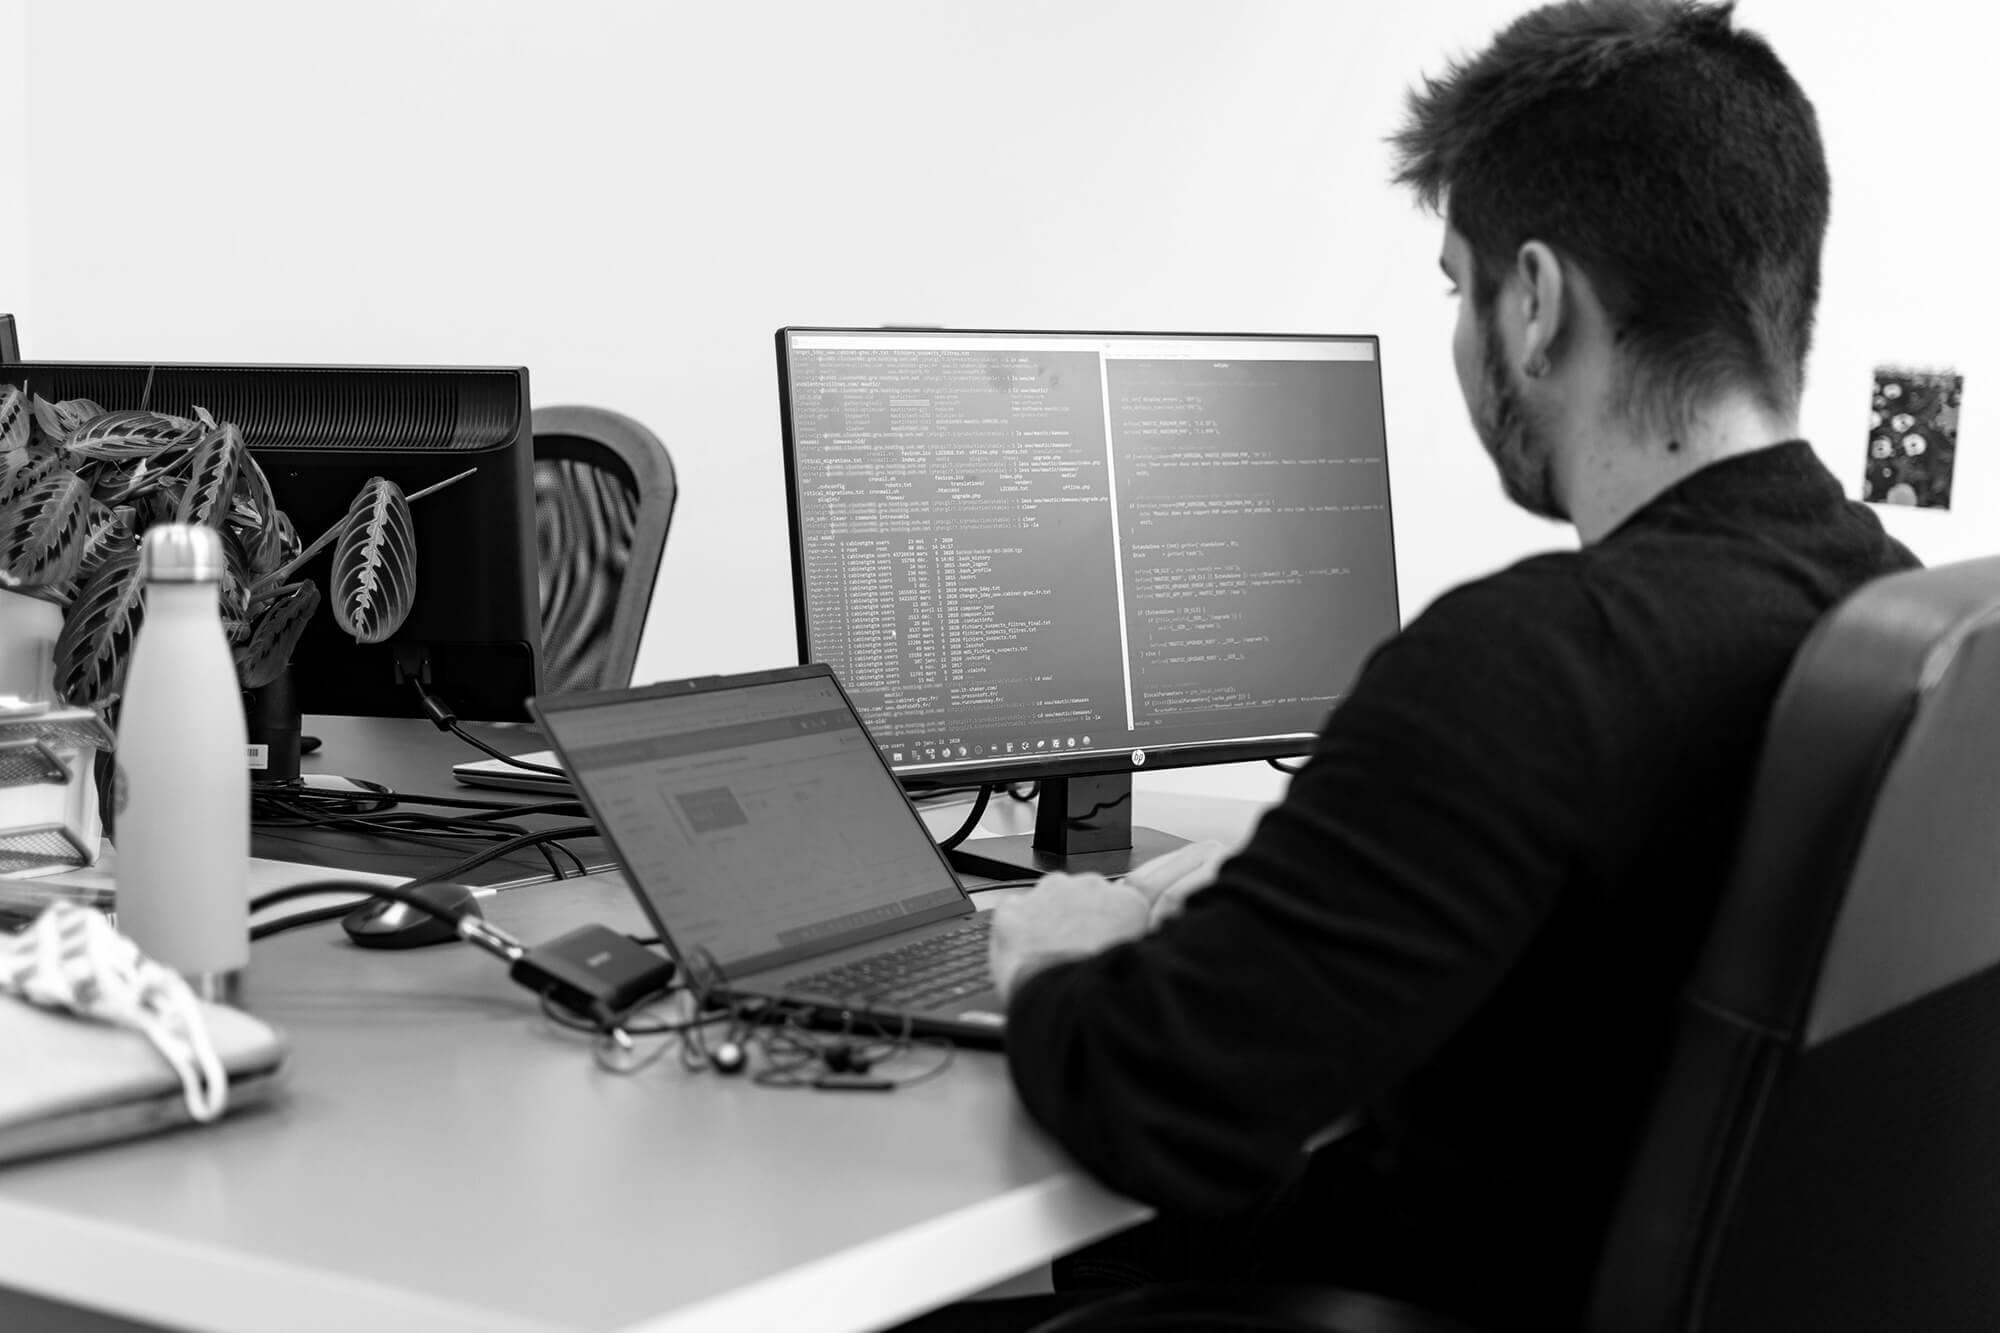 Développeur travaillant sur la compatibilité mobile d'un site web